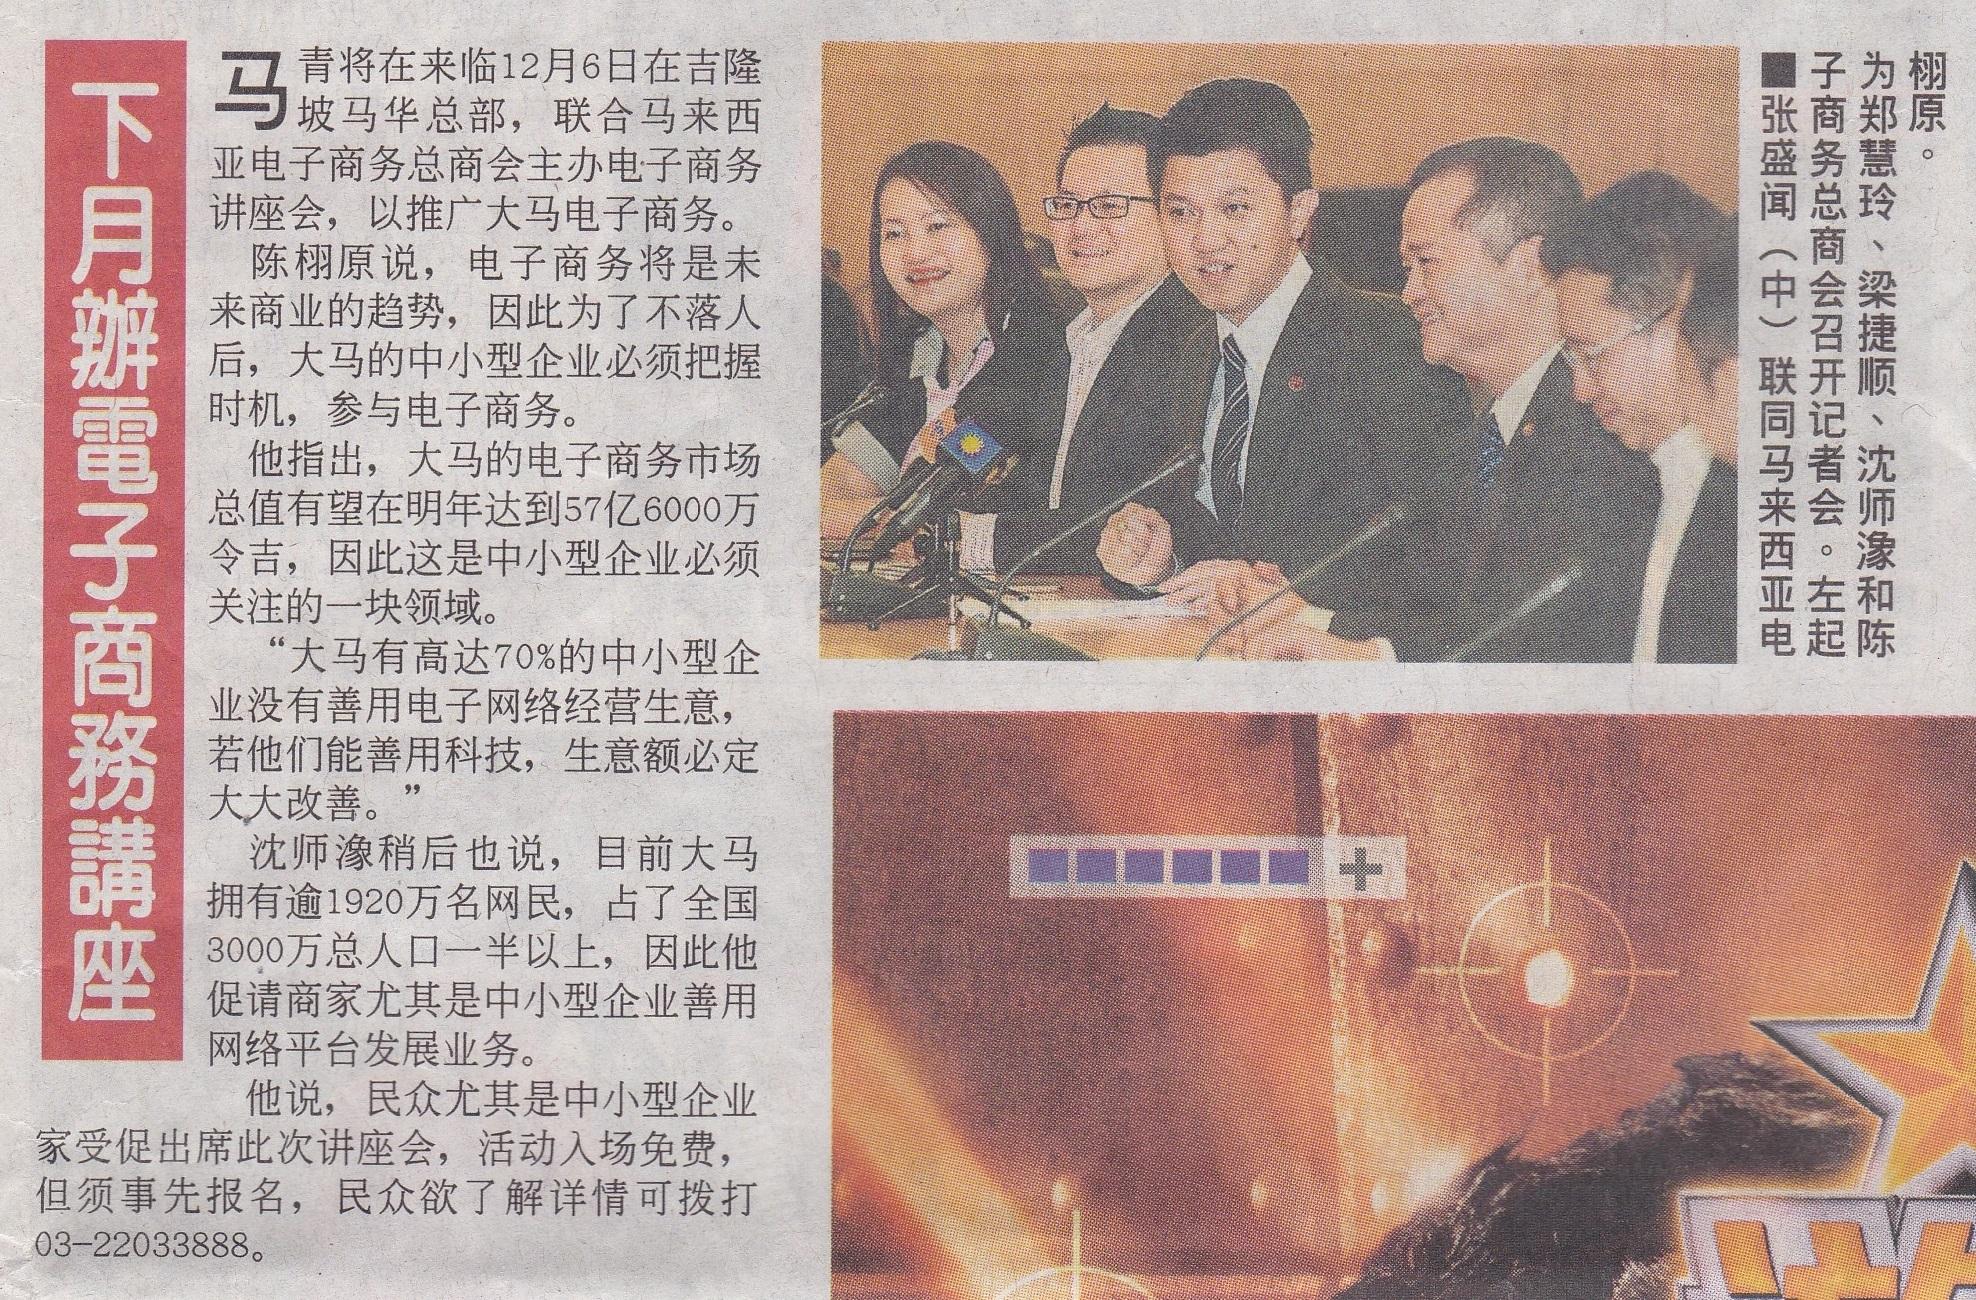 2014年11月12日中国报